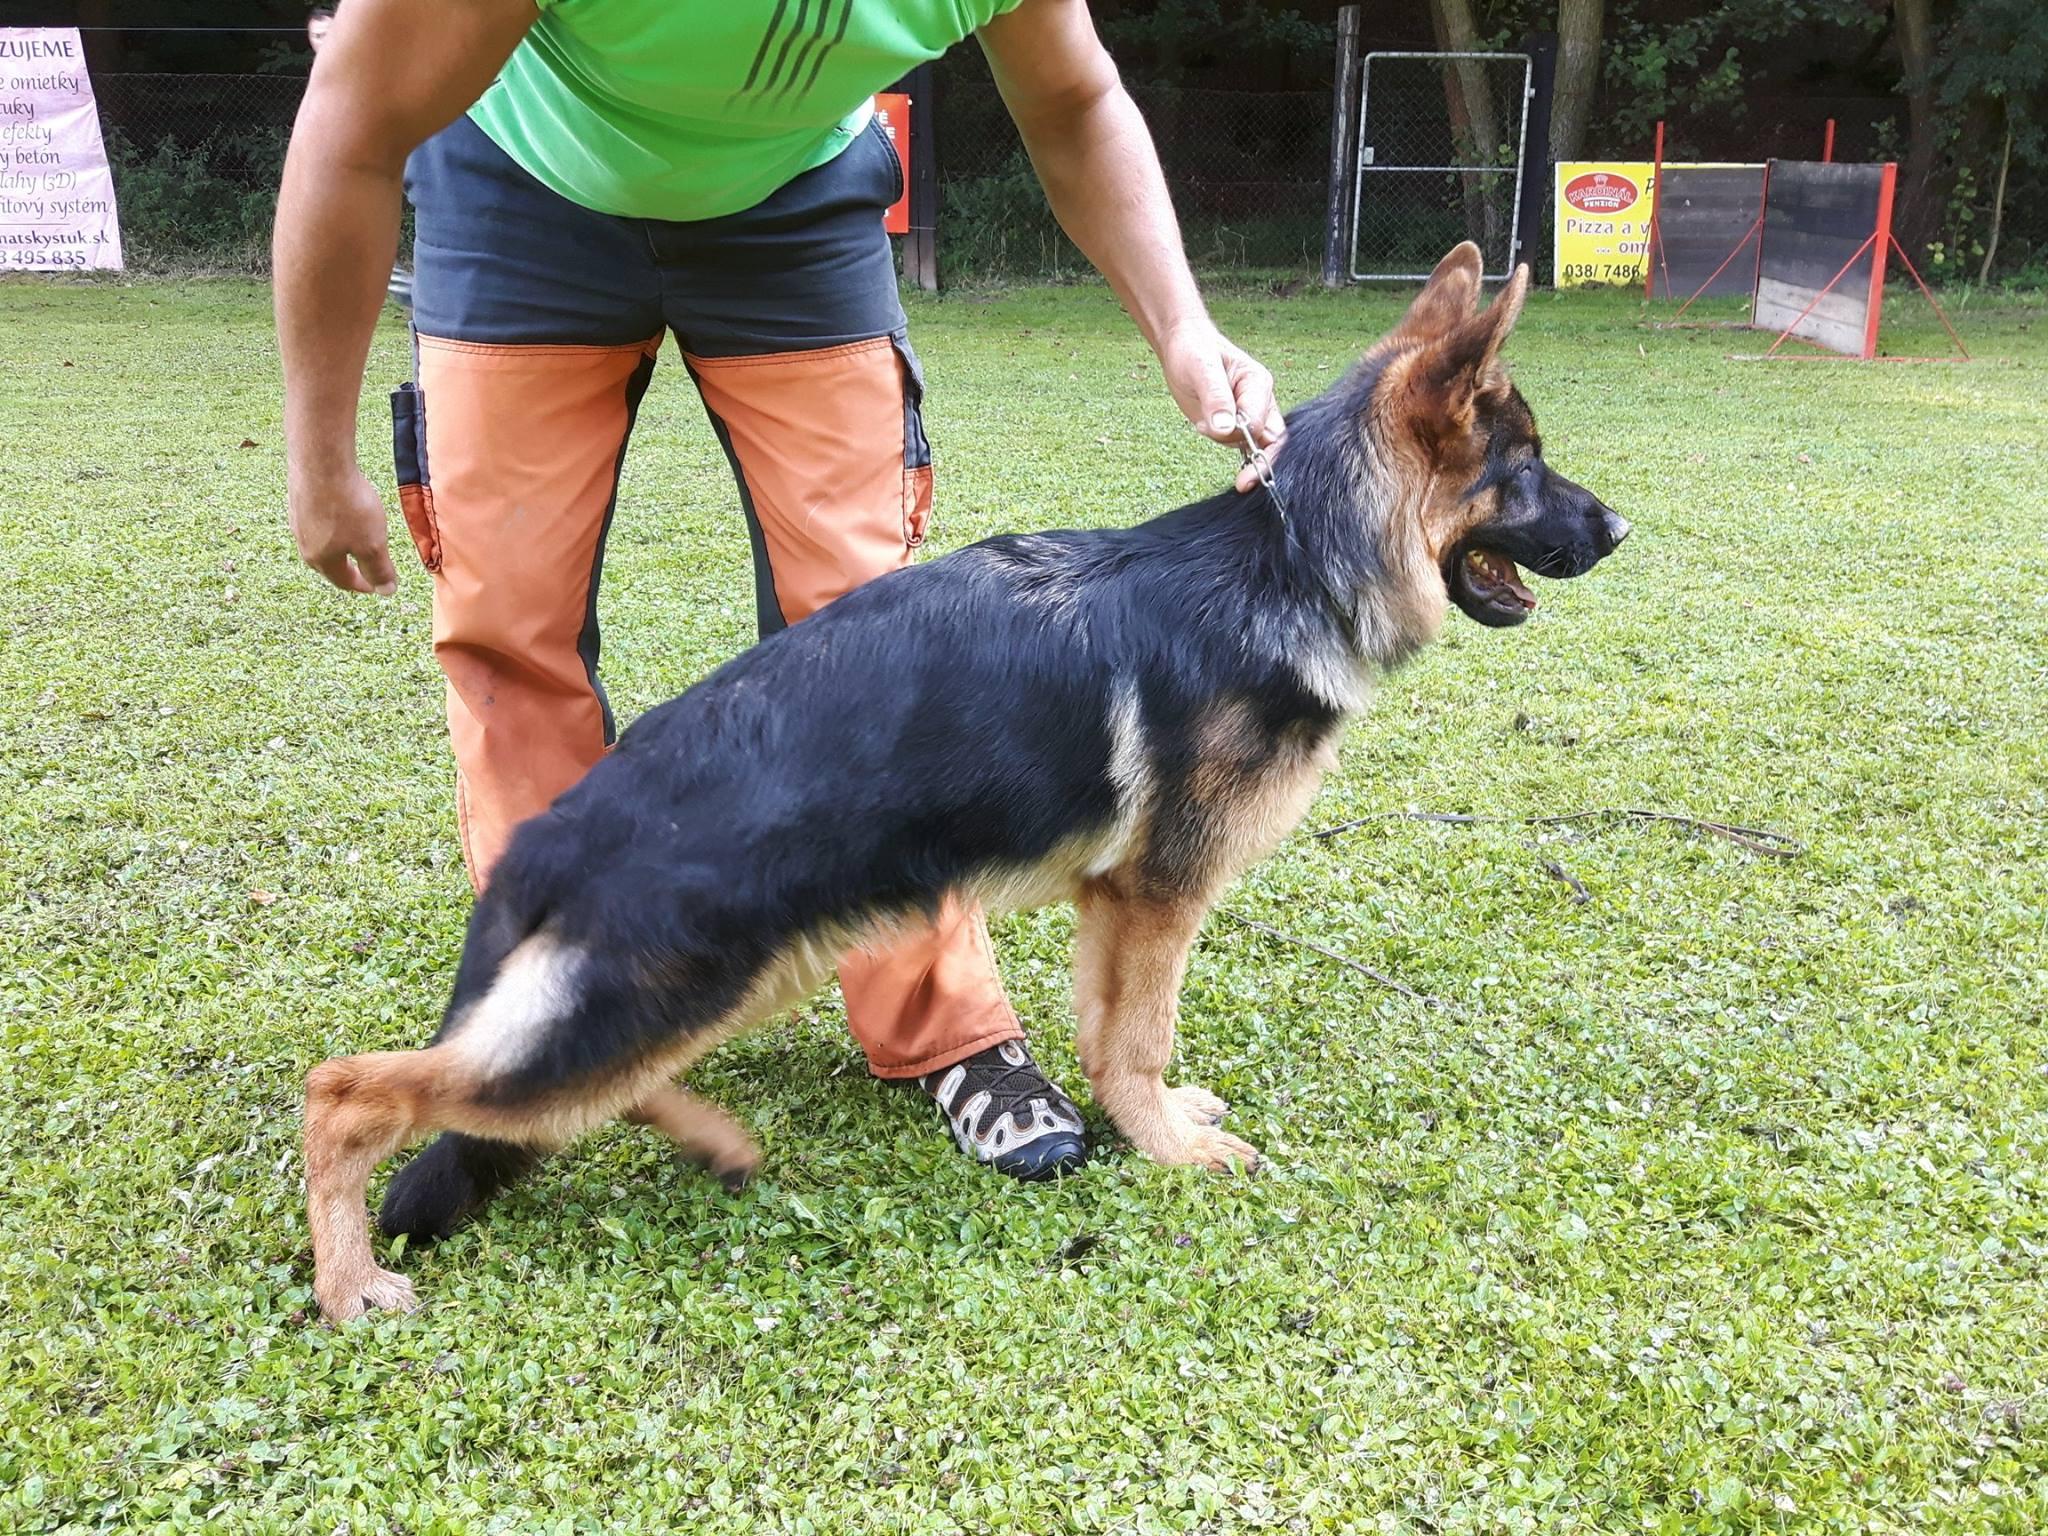 Torbi - puppy